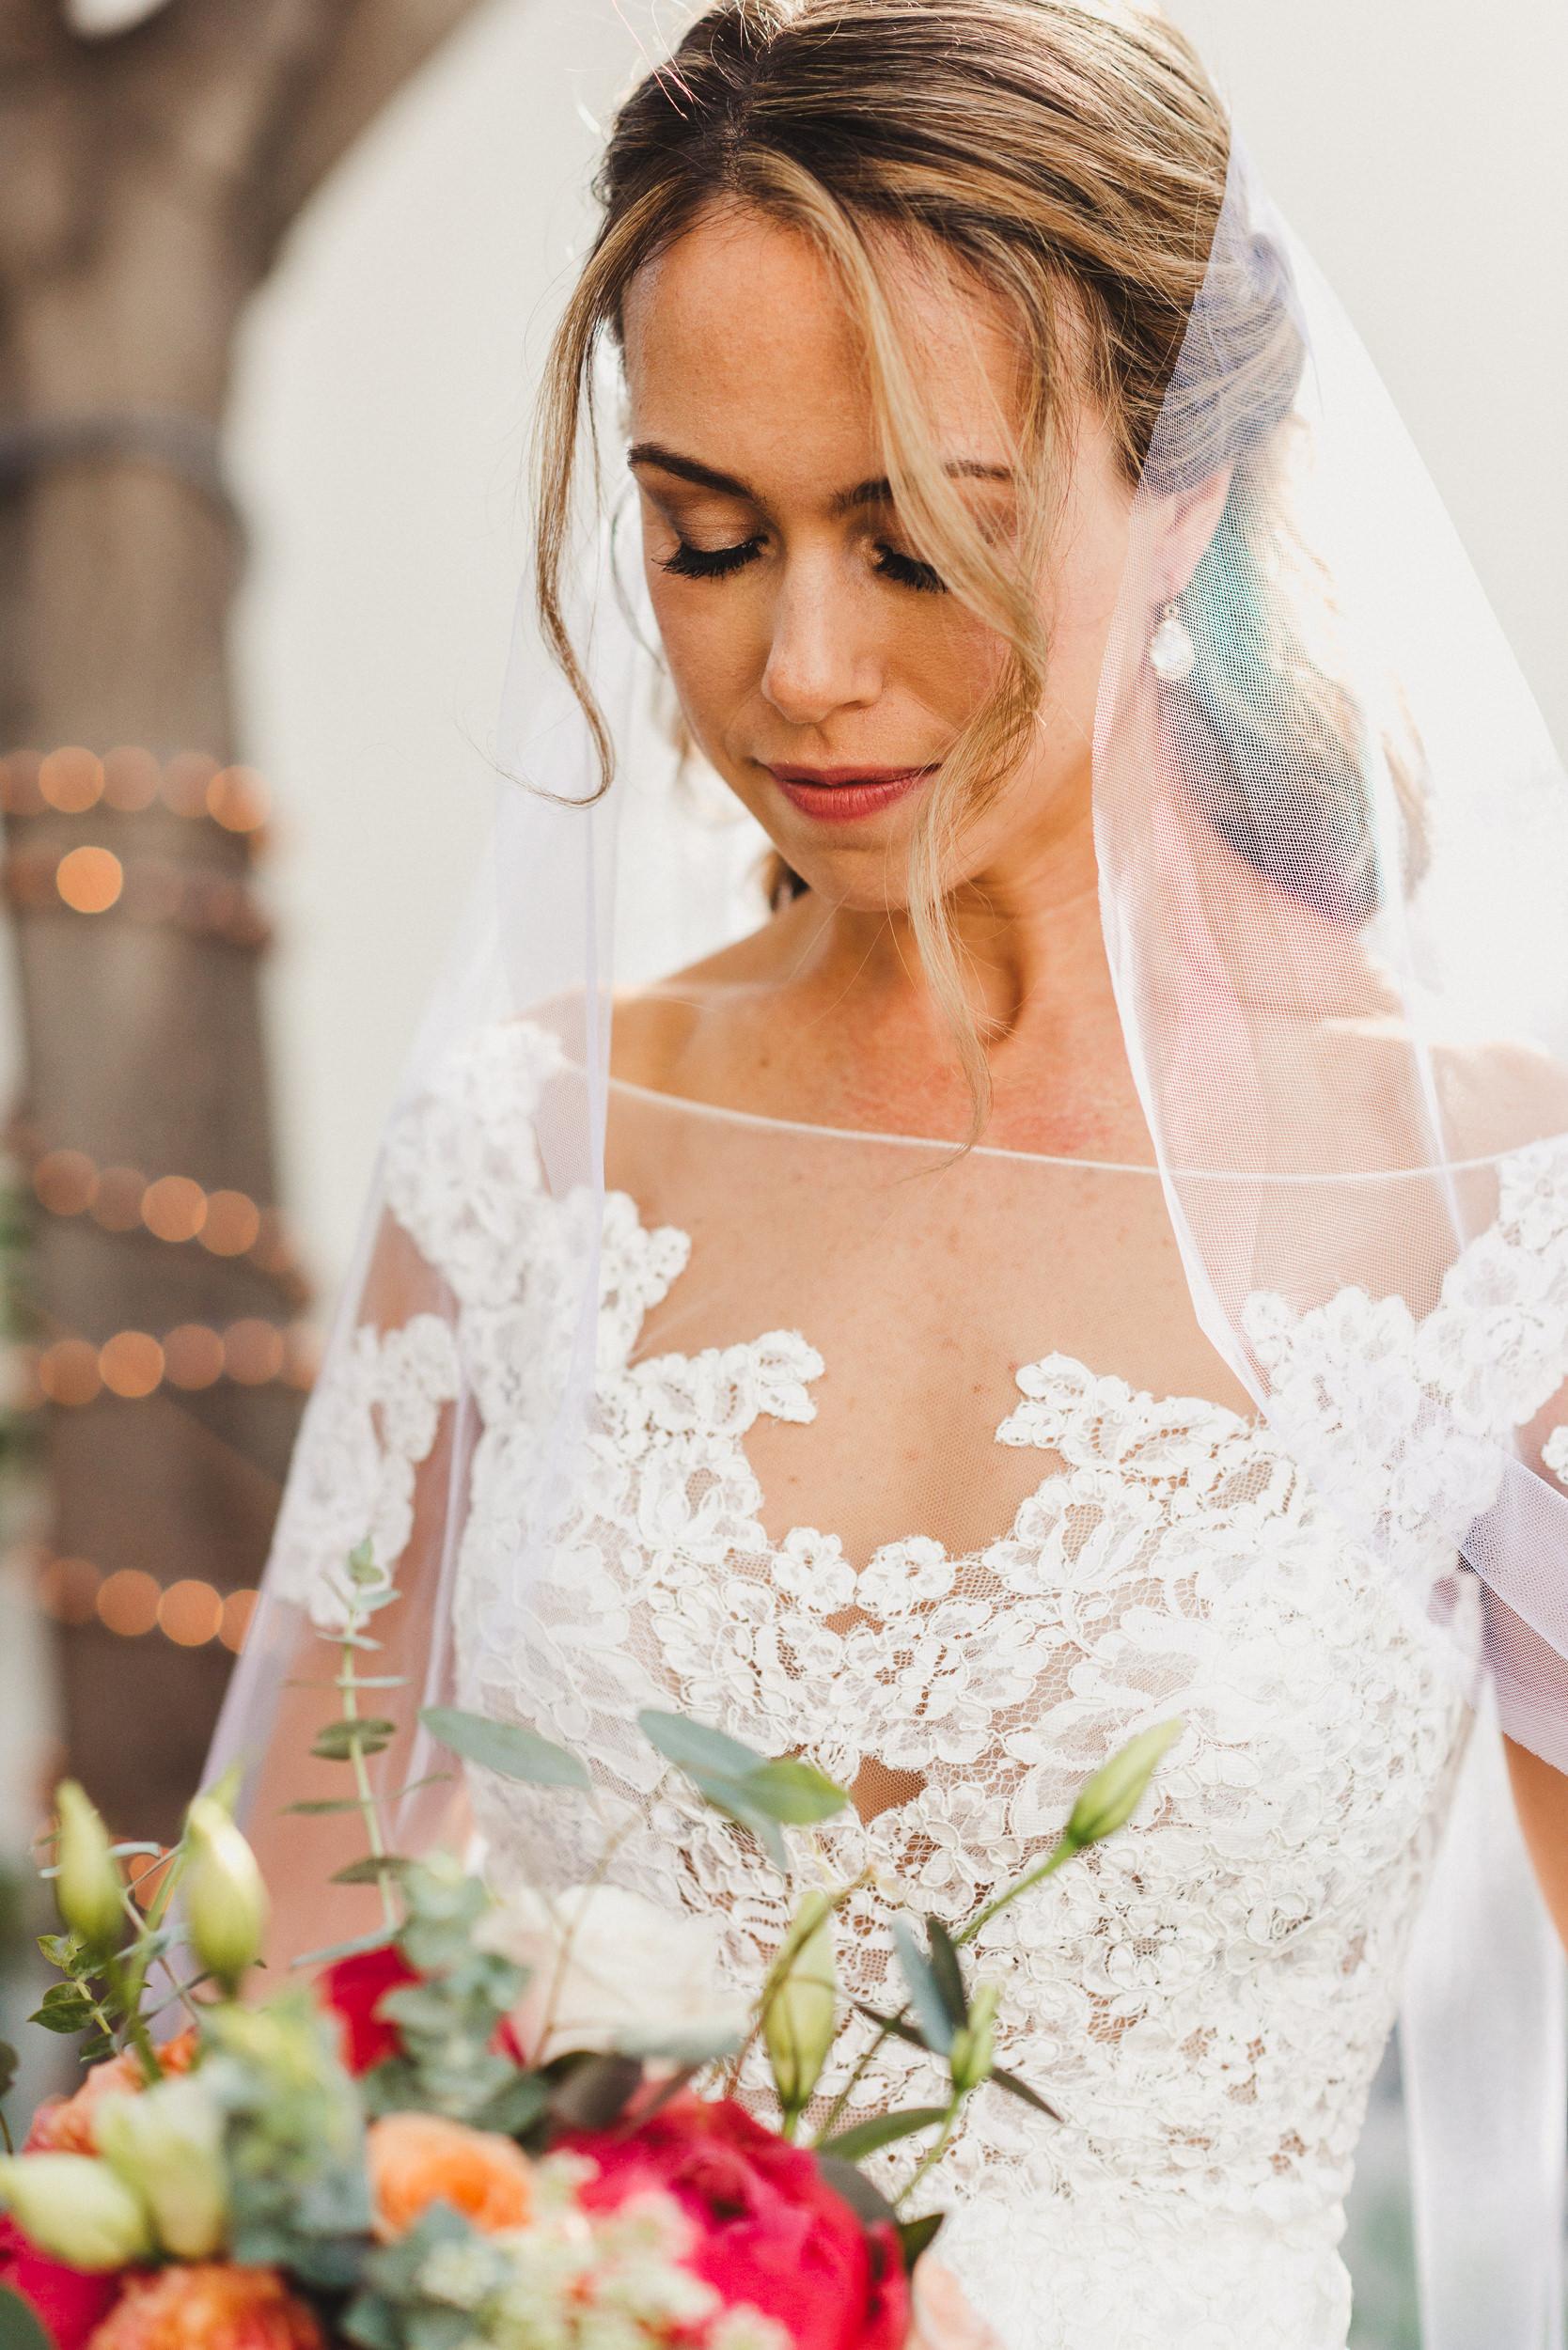 sL + E - Verandas Manhattan Beach - 04 Bridal Portraits-9.jpg